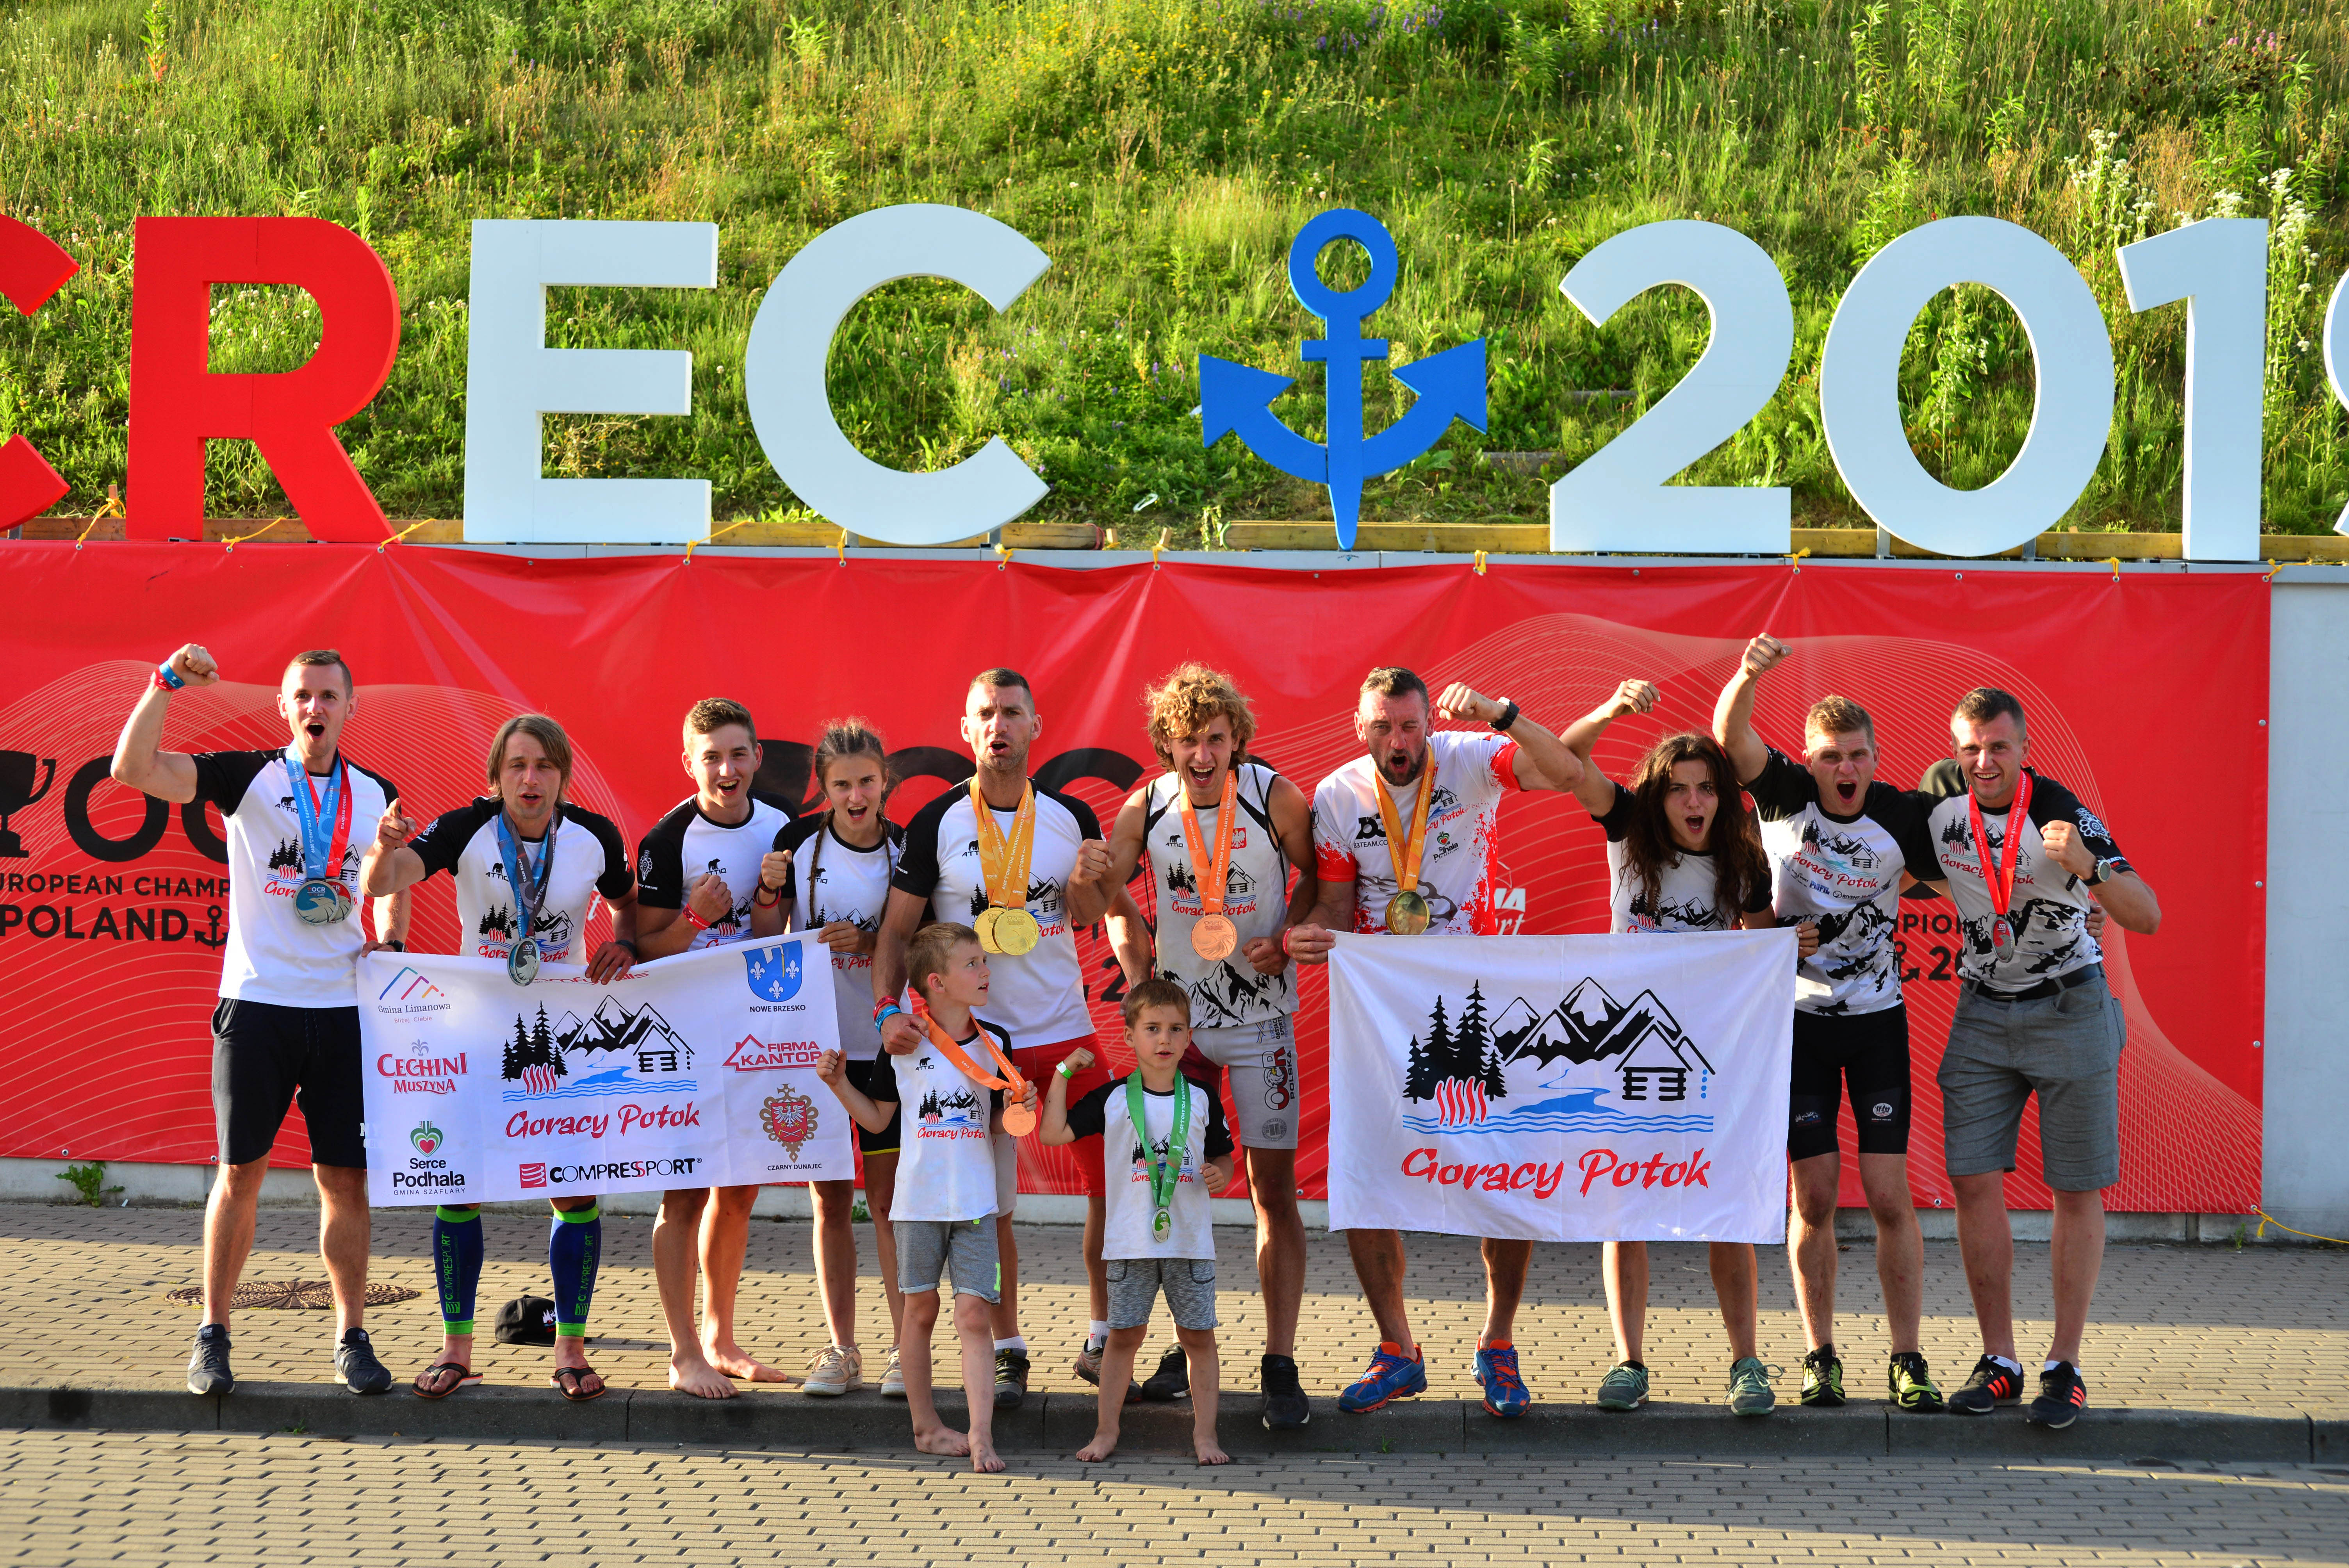 Podhalańskie Dziki na podium Mistrzostw Europy OCR - zdjęcie główne